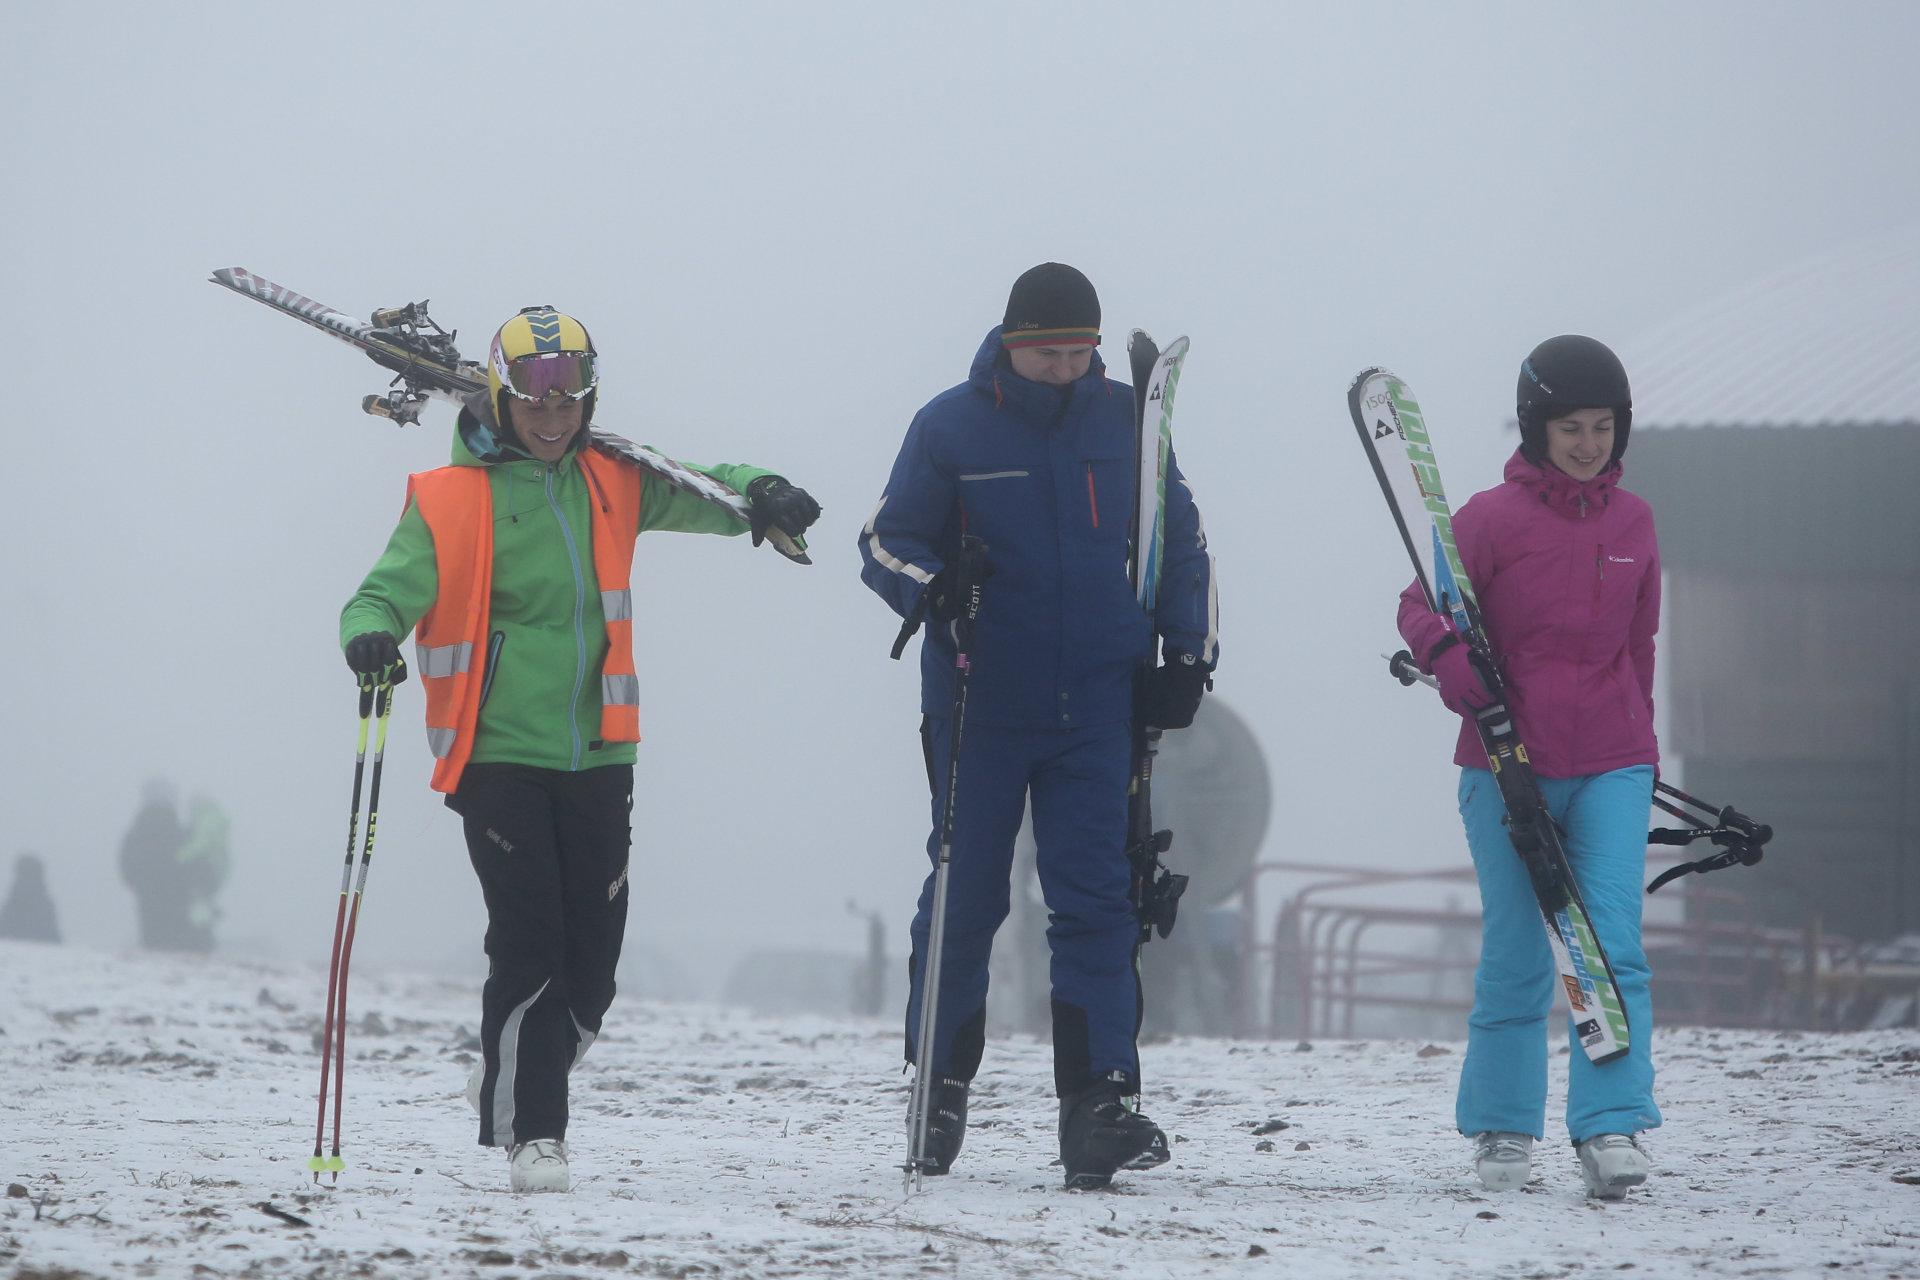 lieknėjantys slidinėjimo drabužiai mano klubai nebus liekni